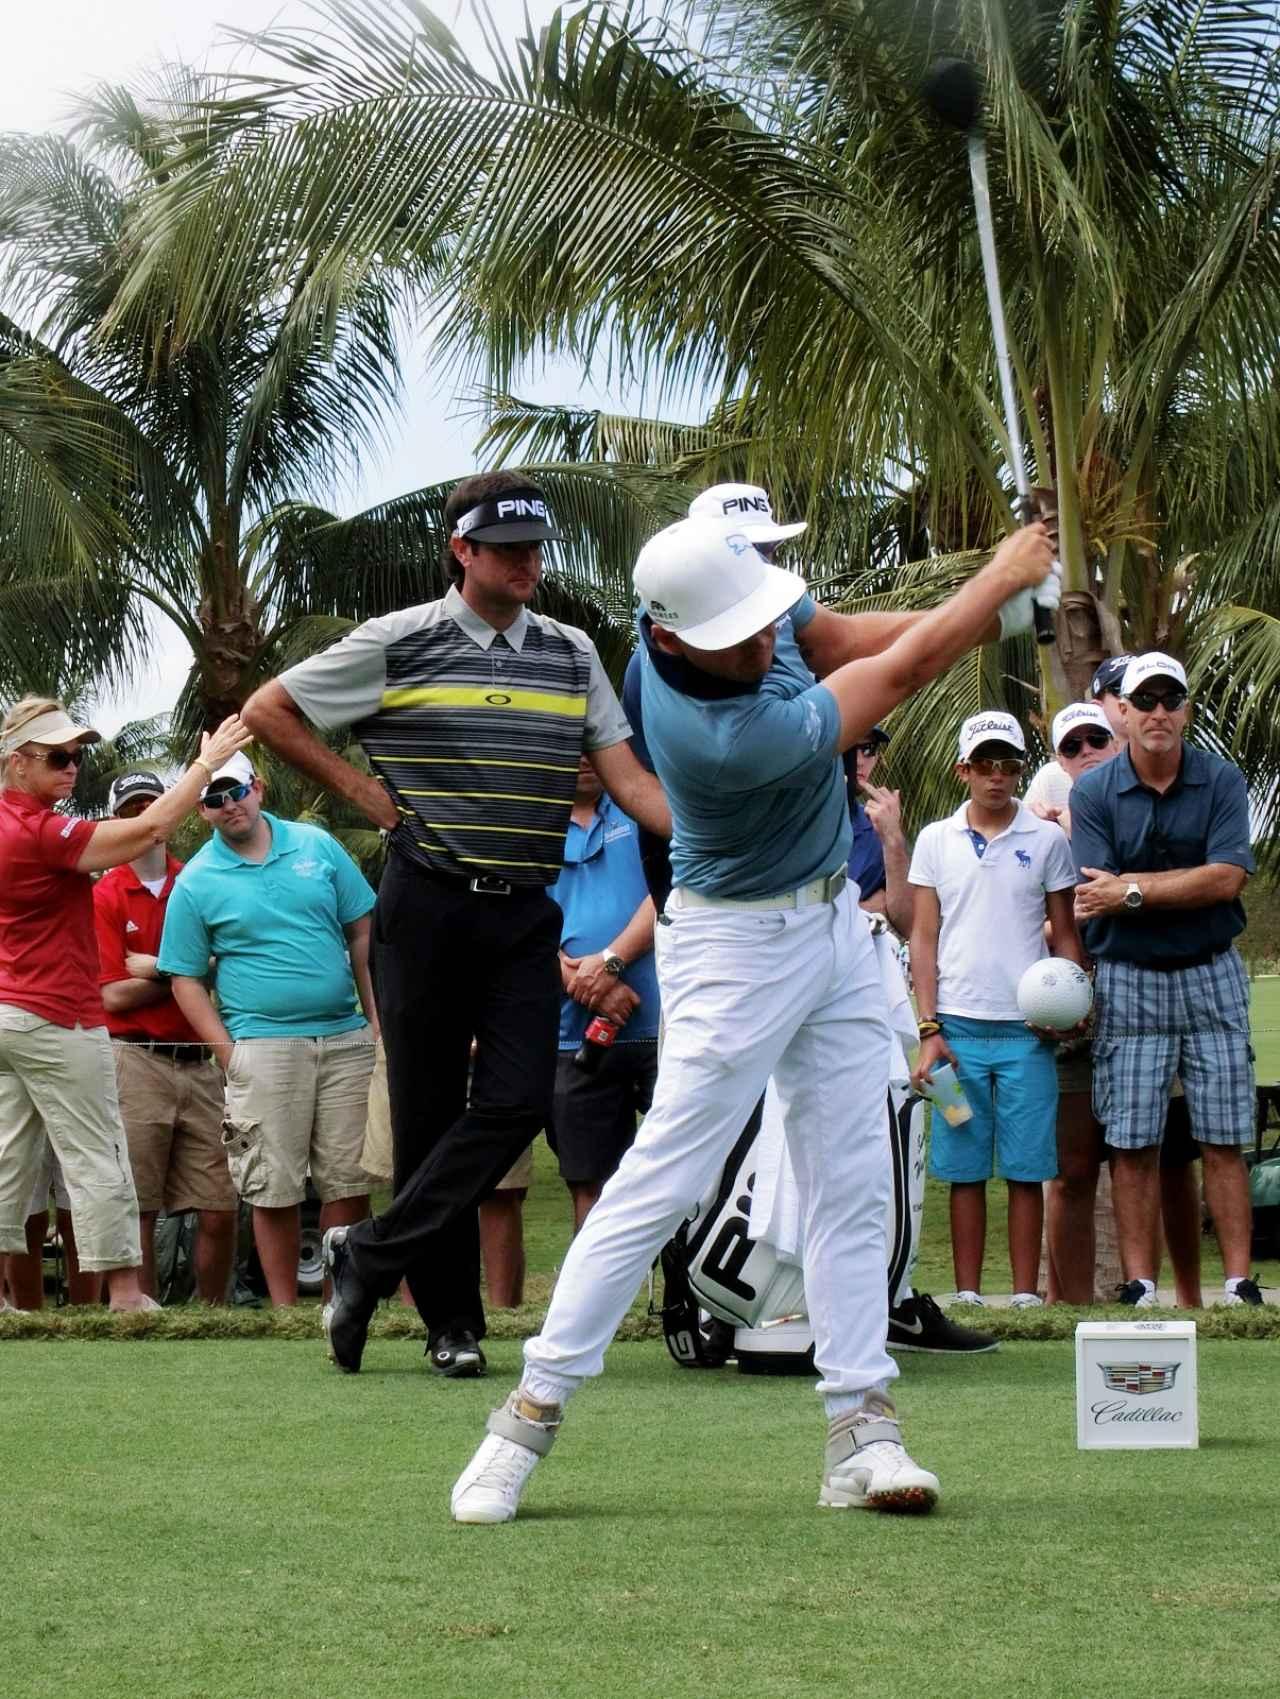 画像15: リッキー・ファウラーのココが凄い!PGAツアー スウィング超解説⑤